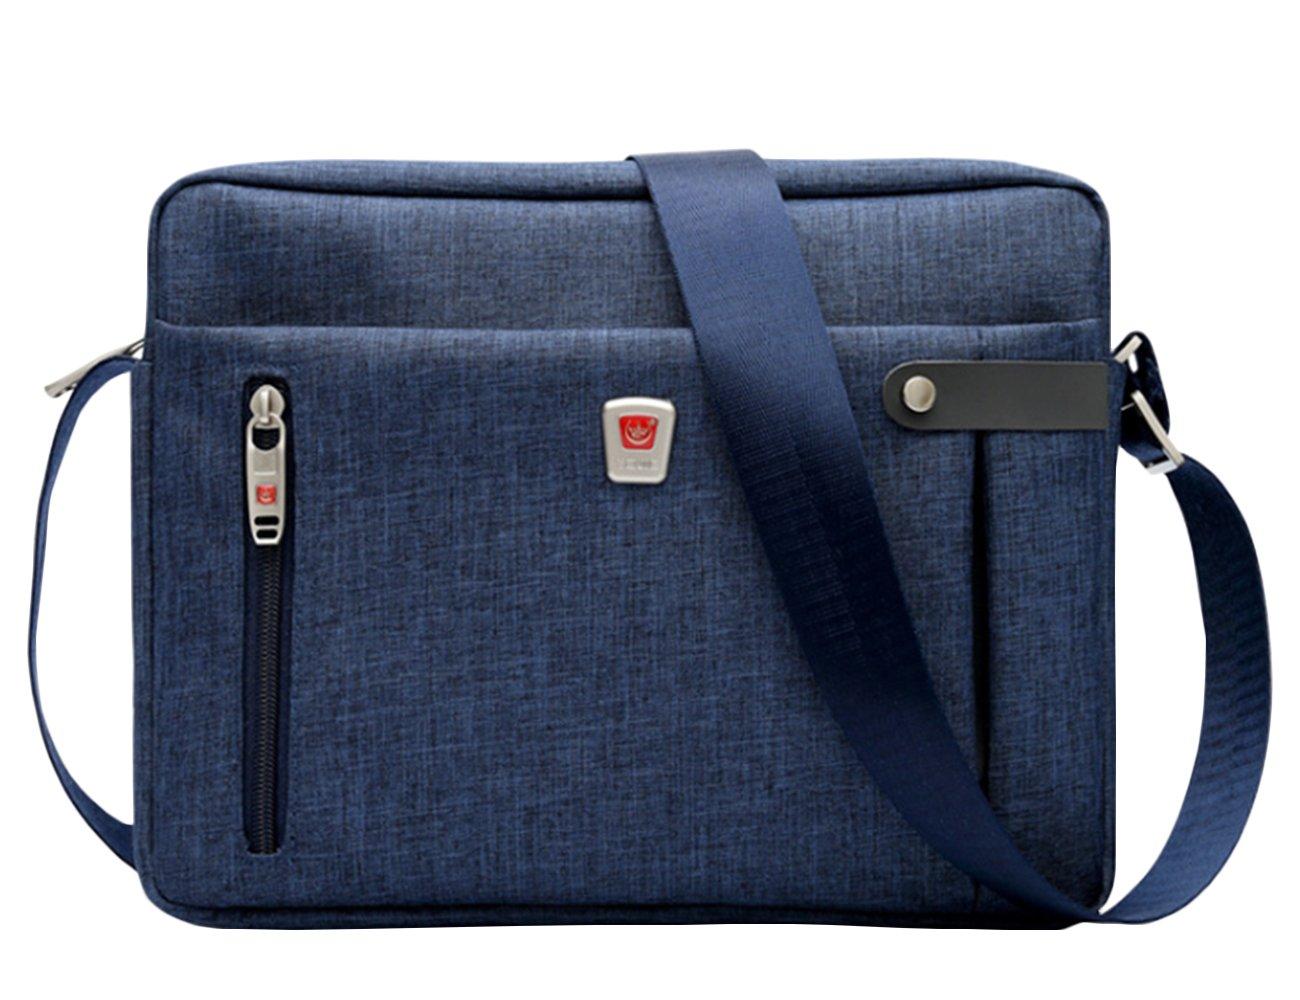 Small Crossbody Bag Tactical Ipad Messenger Bag 11 Inch Tablet Shoulder Bag (Black)